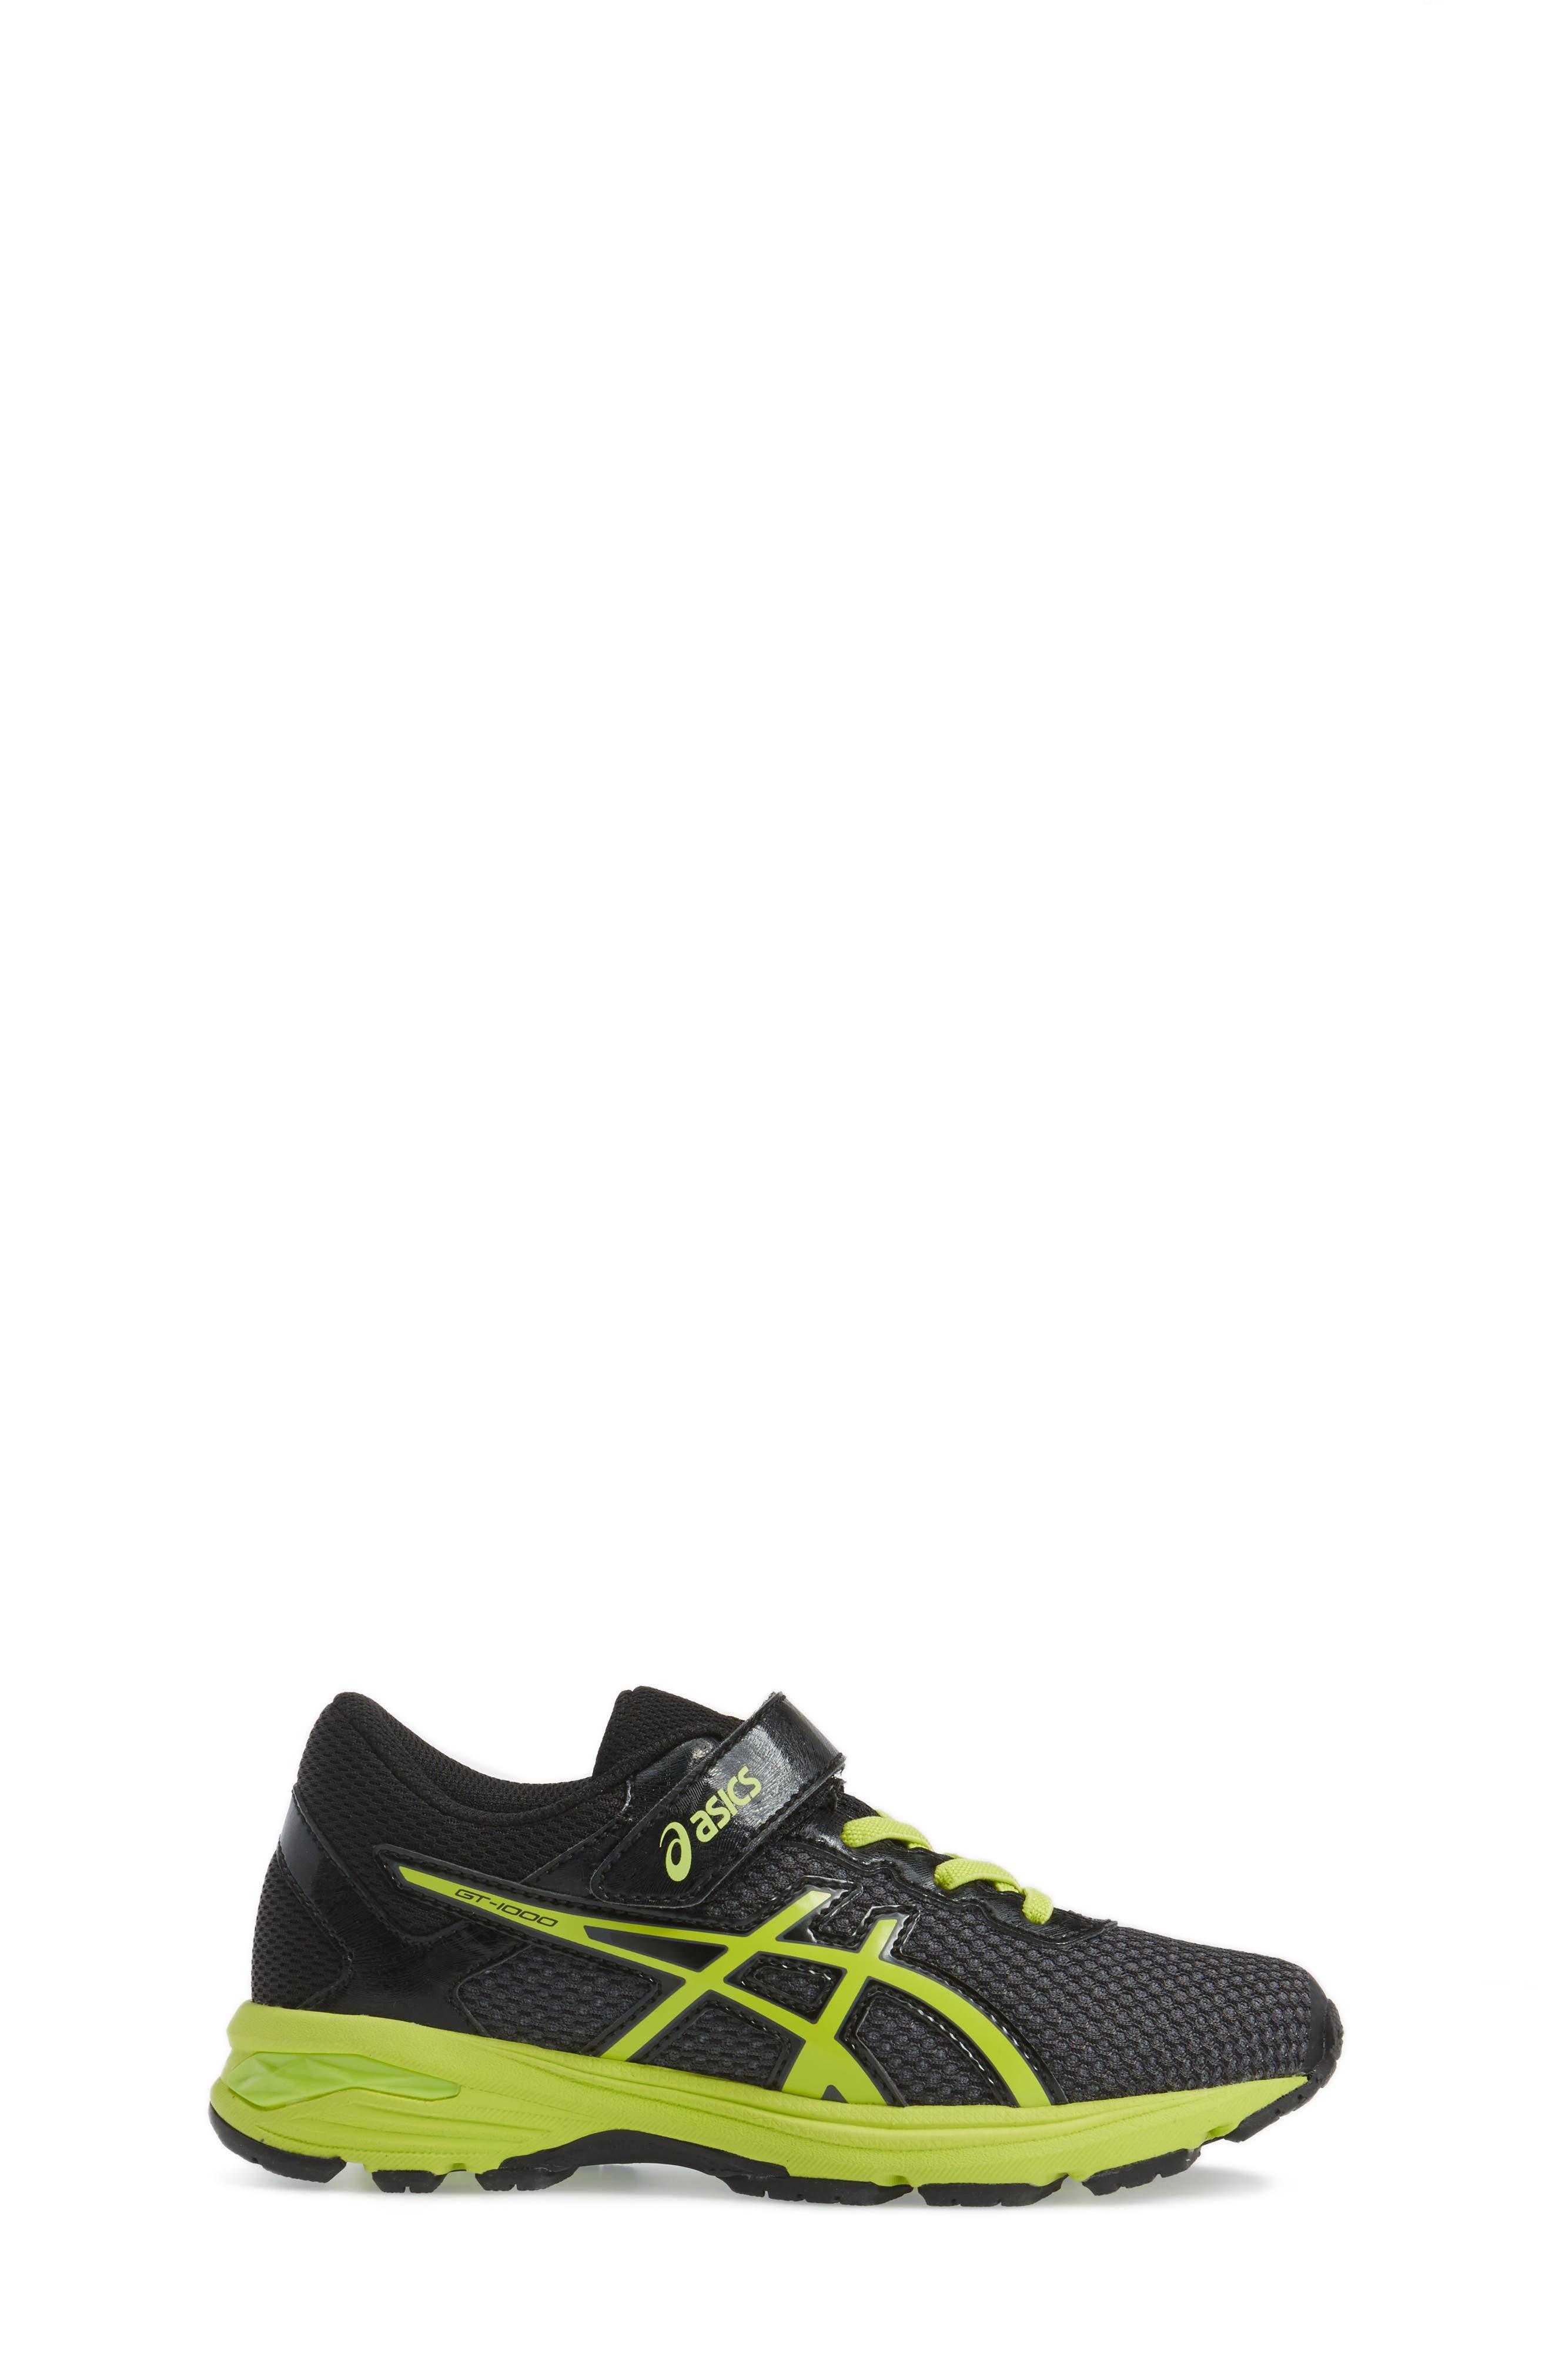 Alternate Image 3  - Asics GT-1000™ 6 PS Sneaker (Toddler & Little Kid)